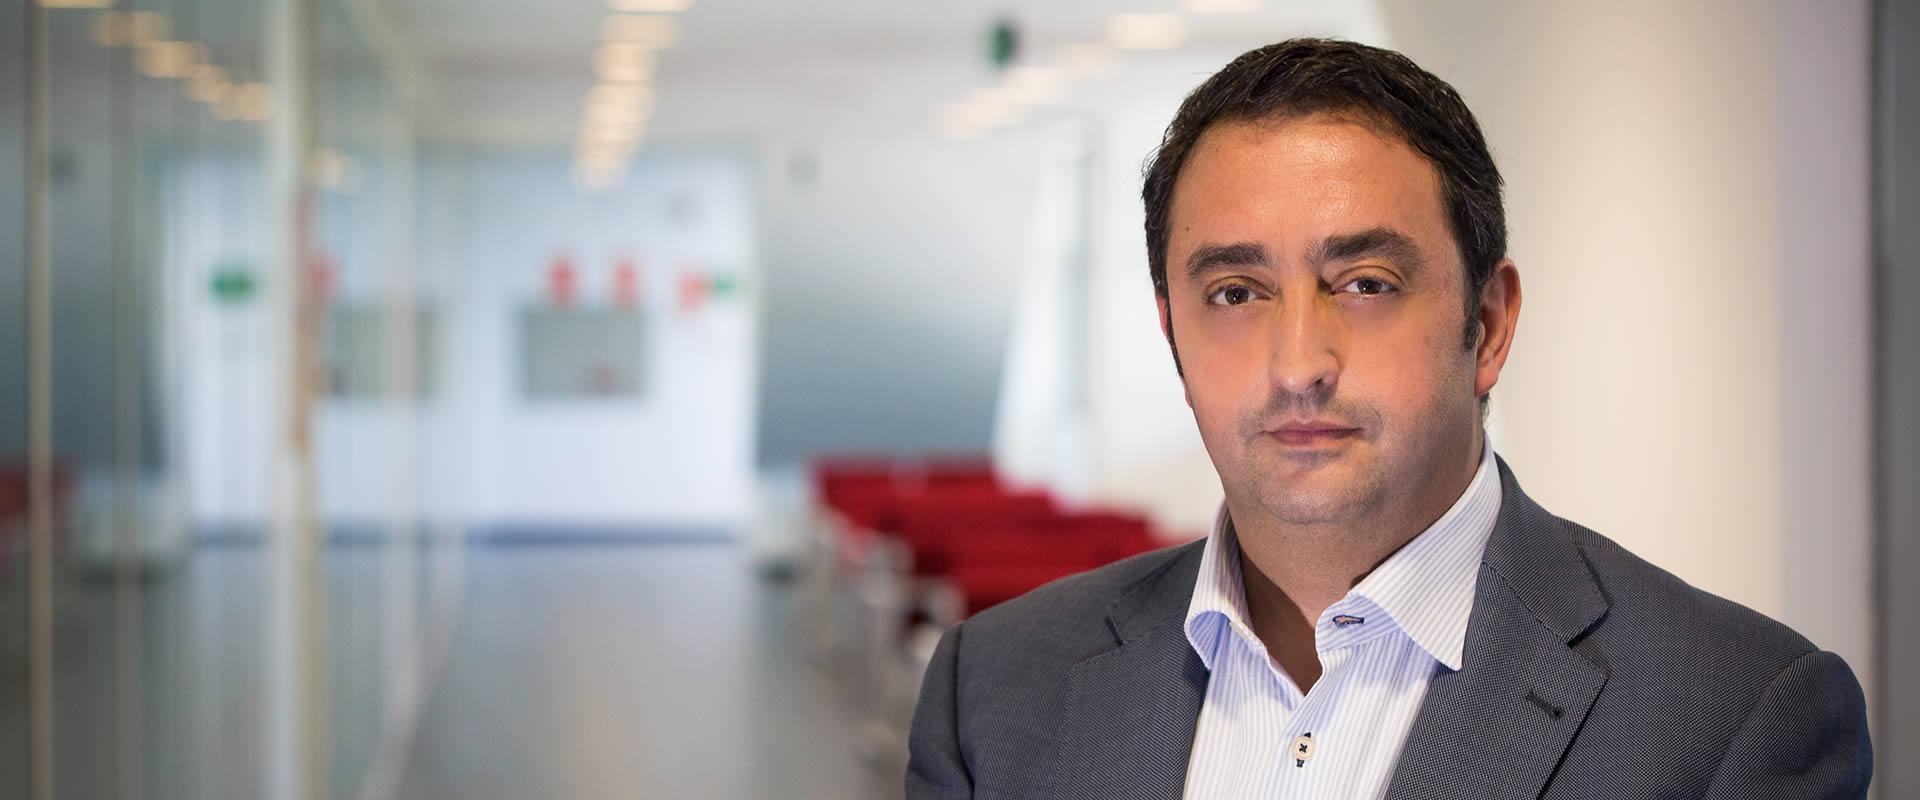 José María Rodríguez Postigo tiThink socio fundador